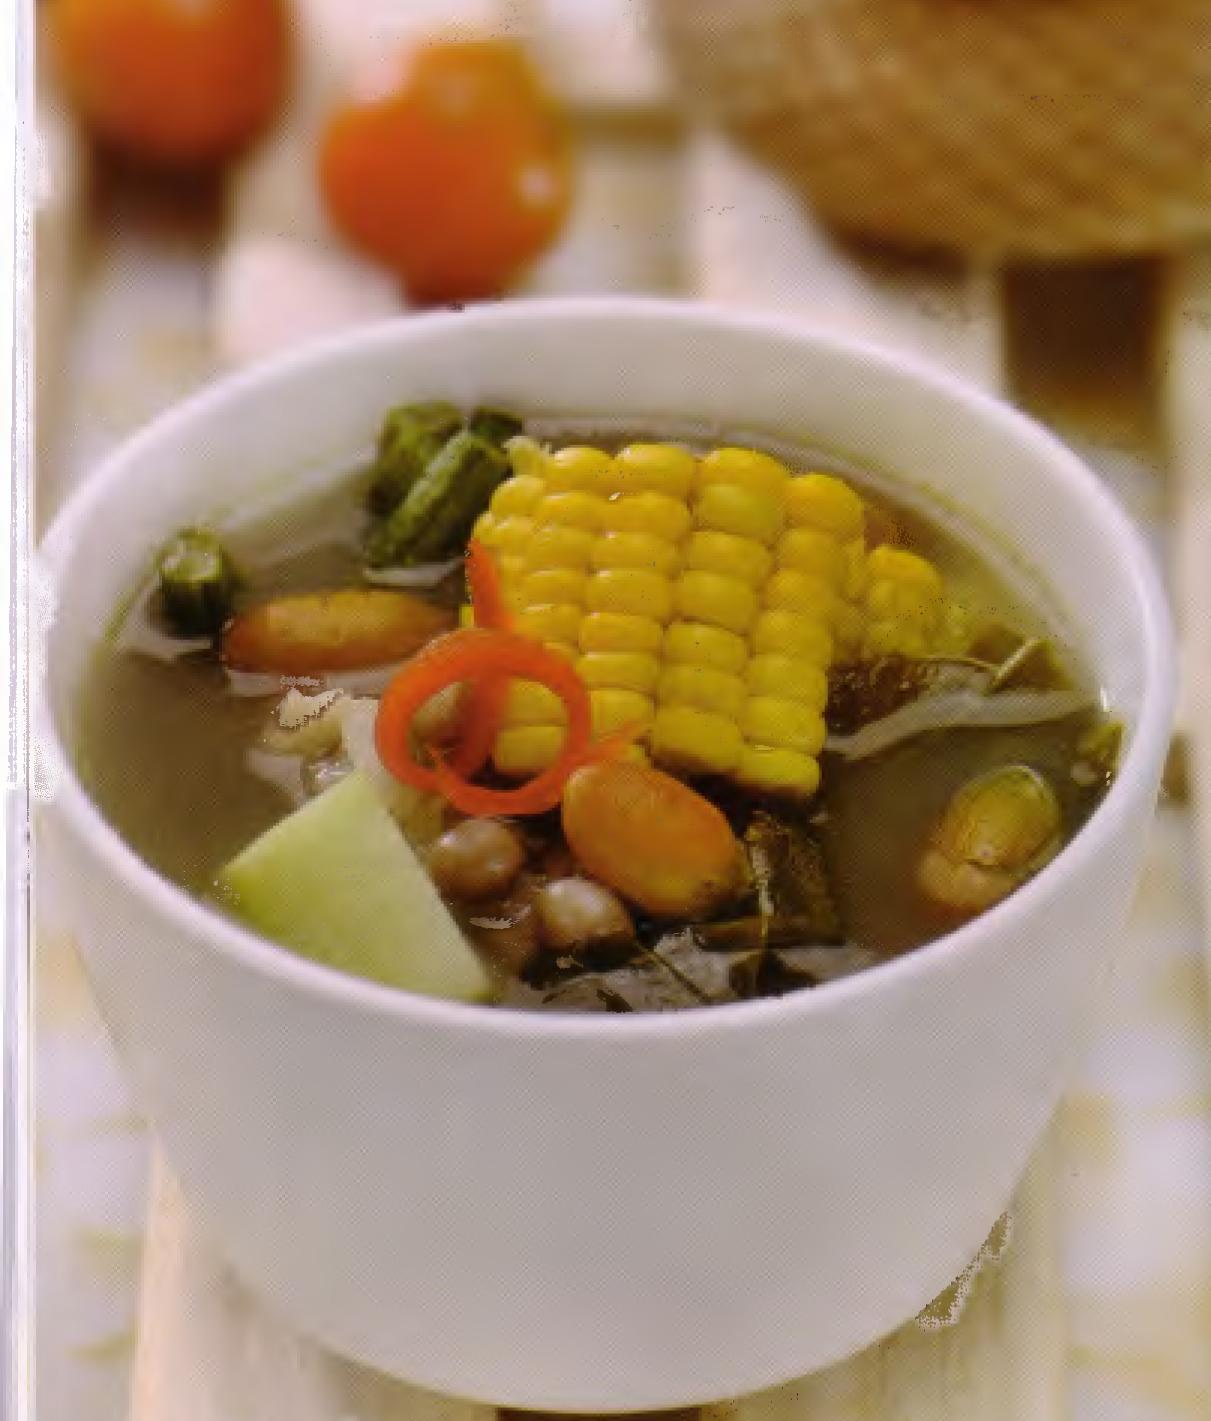 resep-sayur-asam-sunda